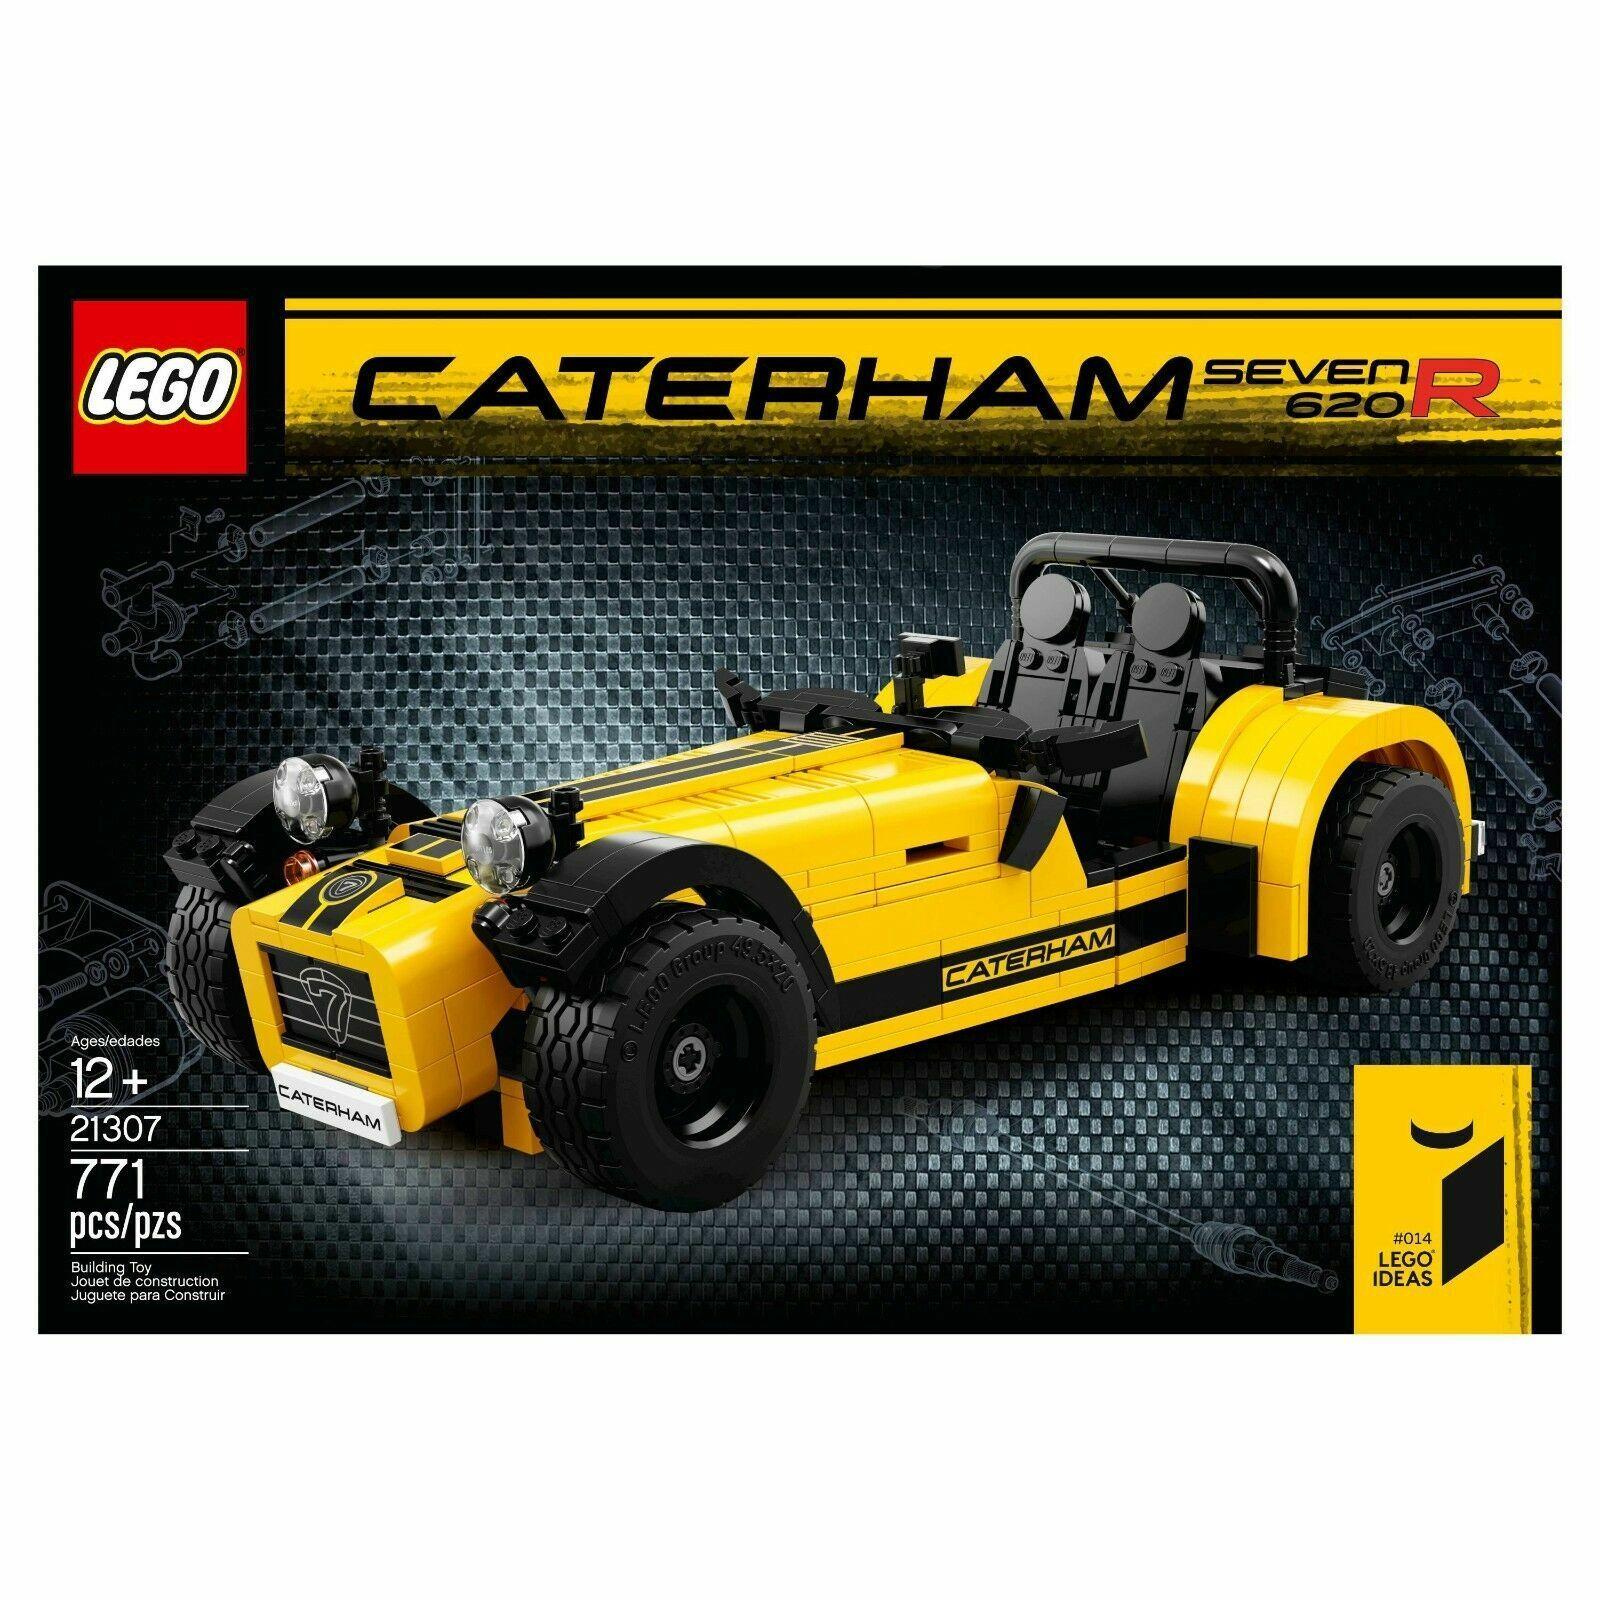 Lego Idées  Caterham Seven 620R 2016 (21307) Neuf Scellé  la qualité d'abord les consommateurs d'abord